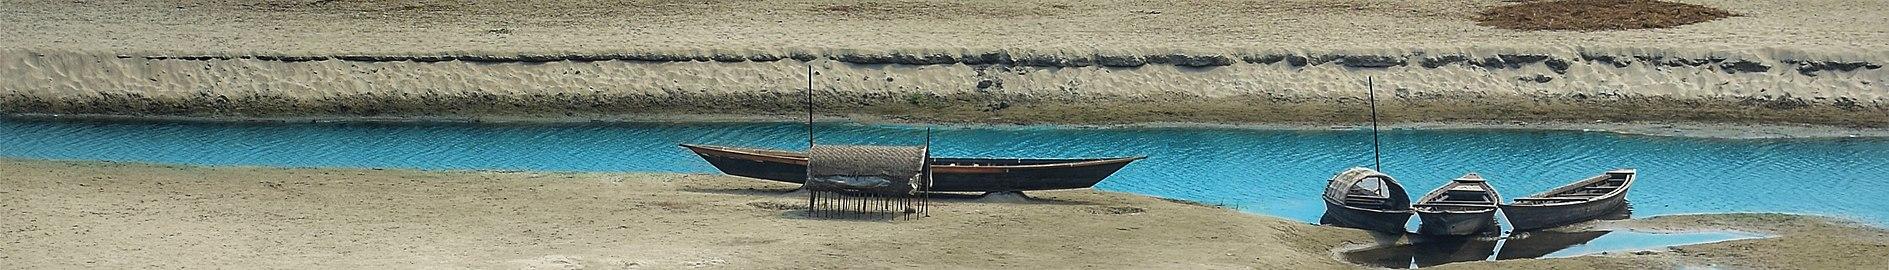 গাইবান্ধা জেলা (ব্যানার).jpg